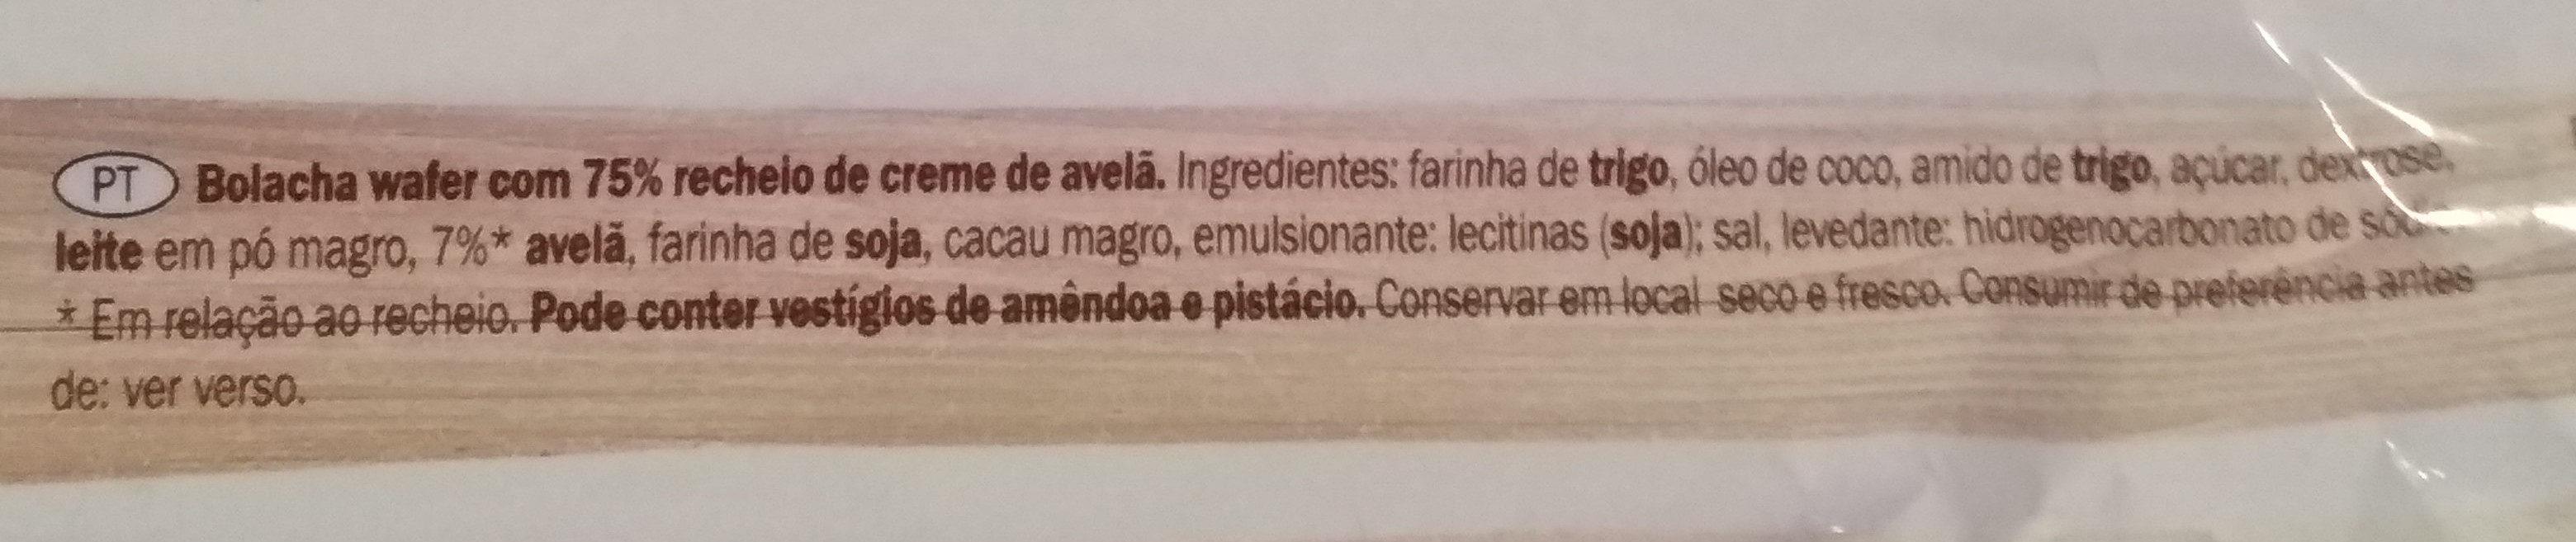 wafers - Ingredientes - pt